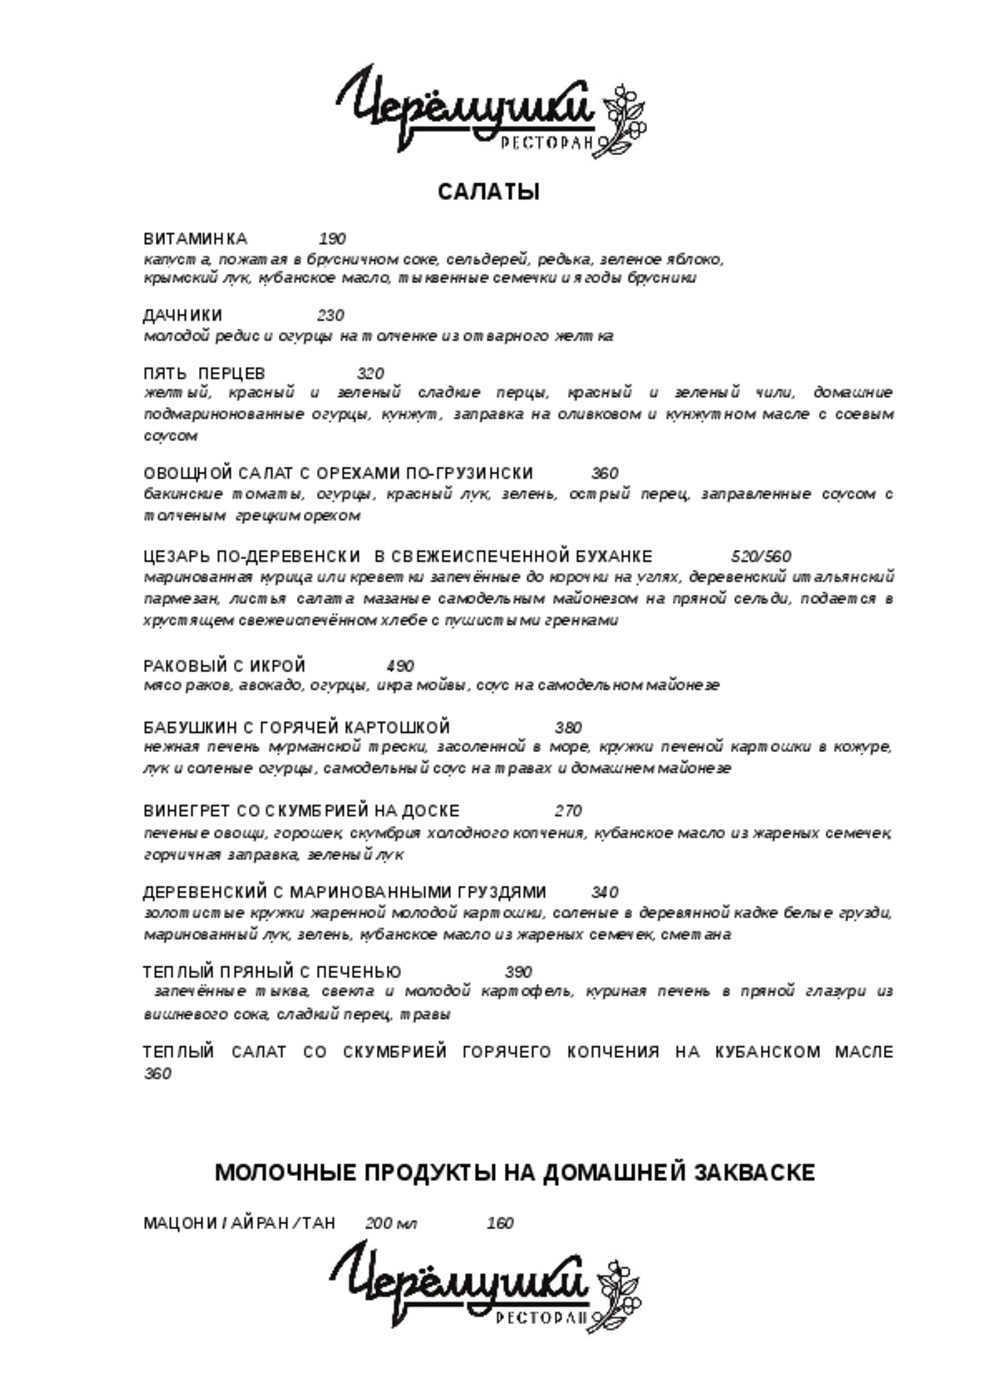 Меню ресторана Черёмушки на проспекте Энгельса